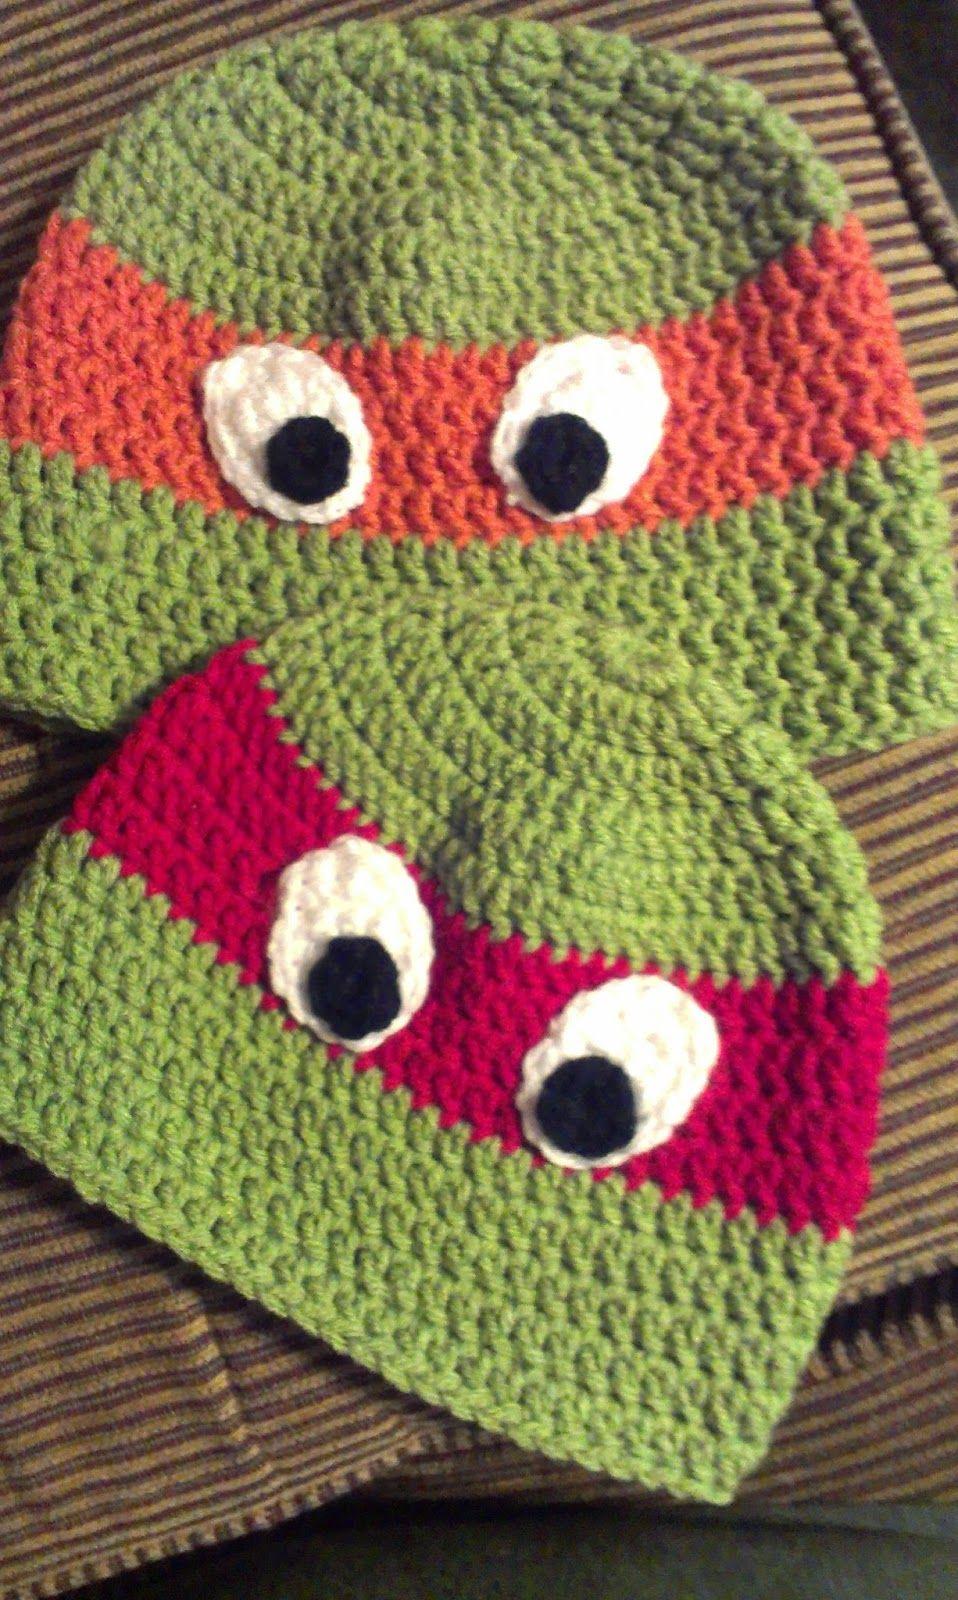 Knottz of Yarn: Best Ever Crochet Hat/Beanie Pattern!! | hats ...